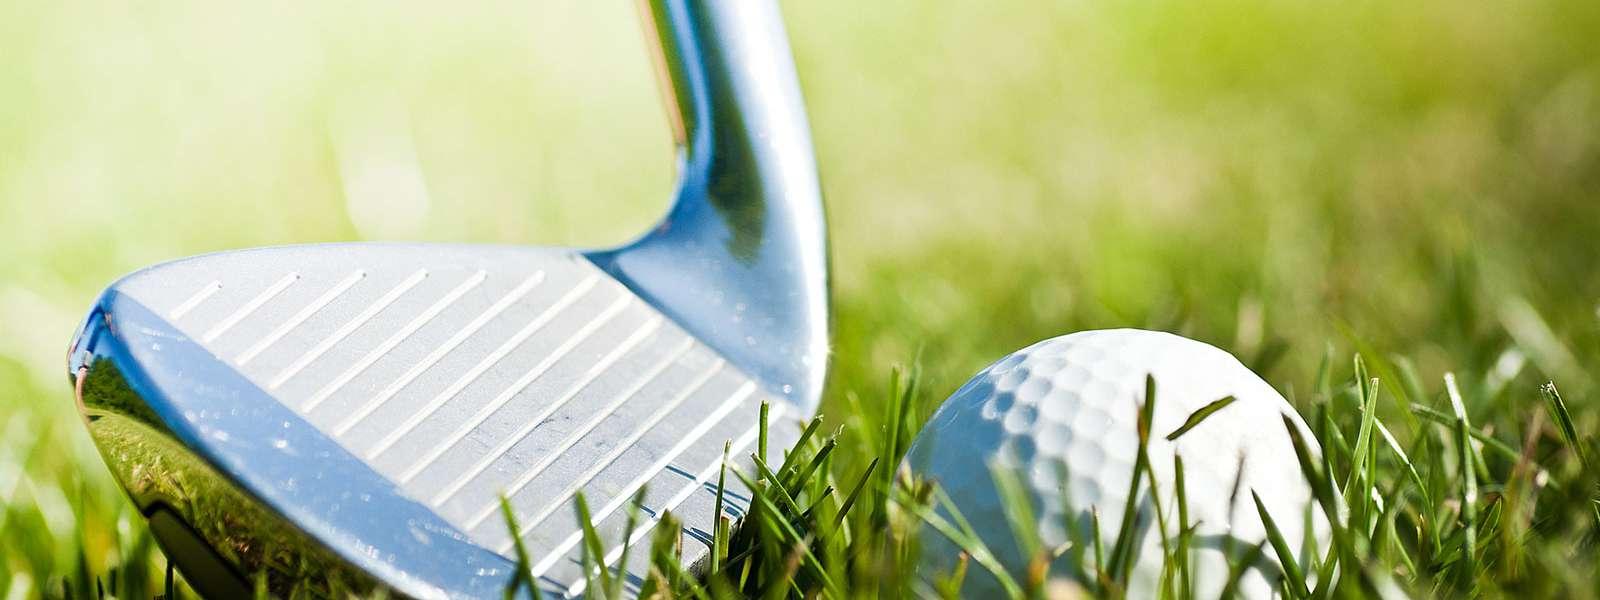 estepona golf apartments